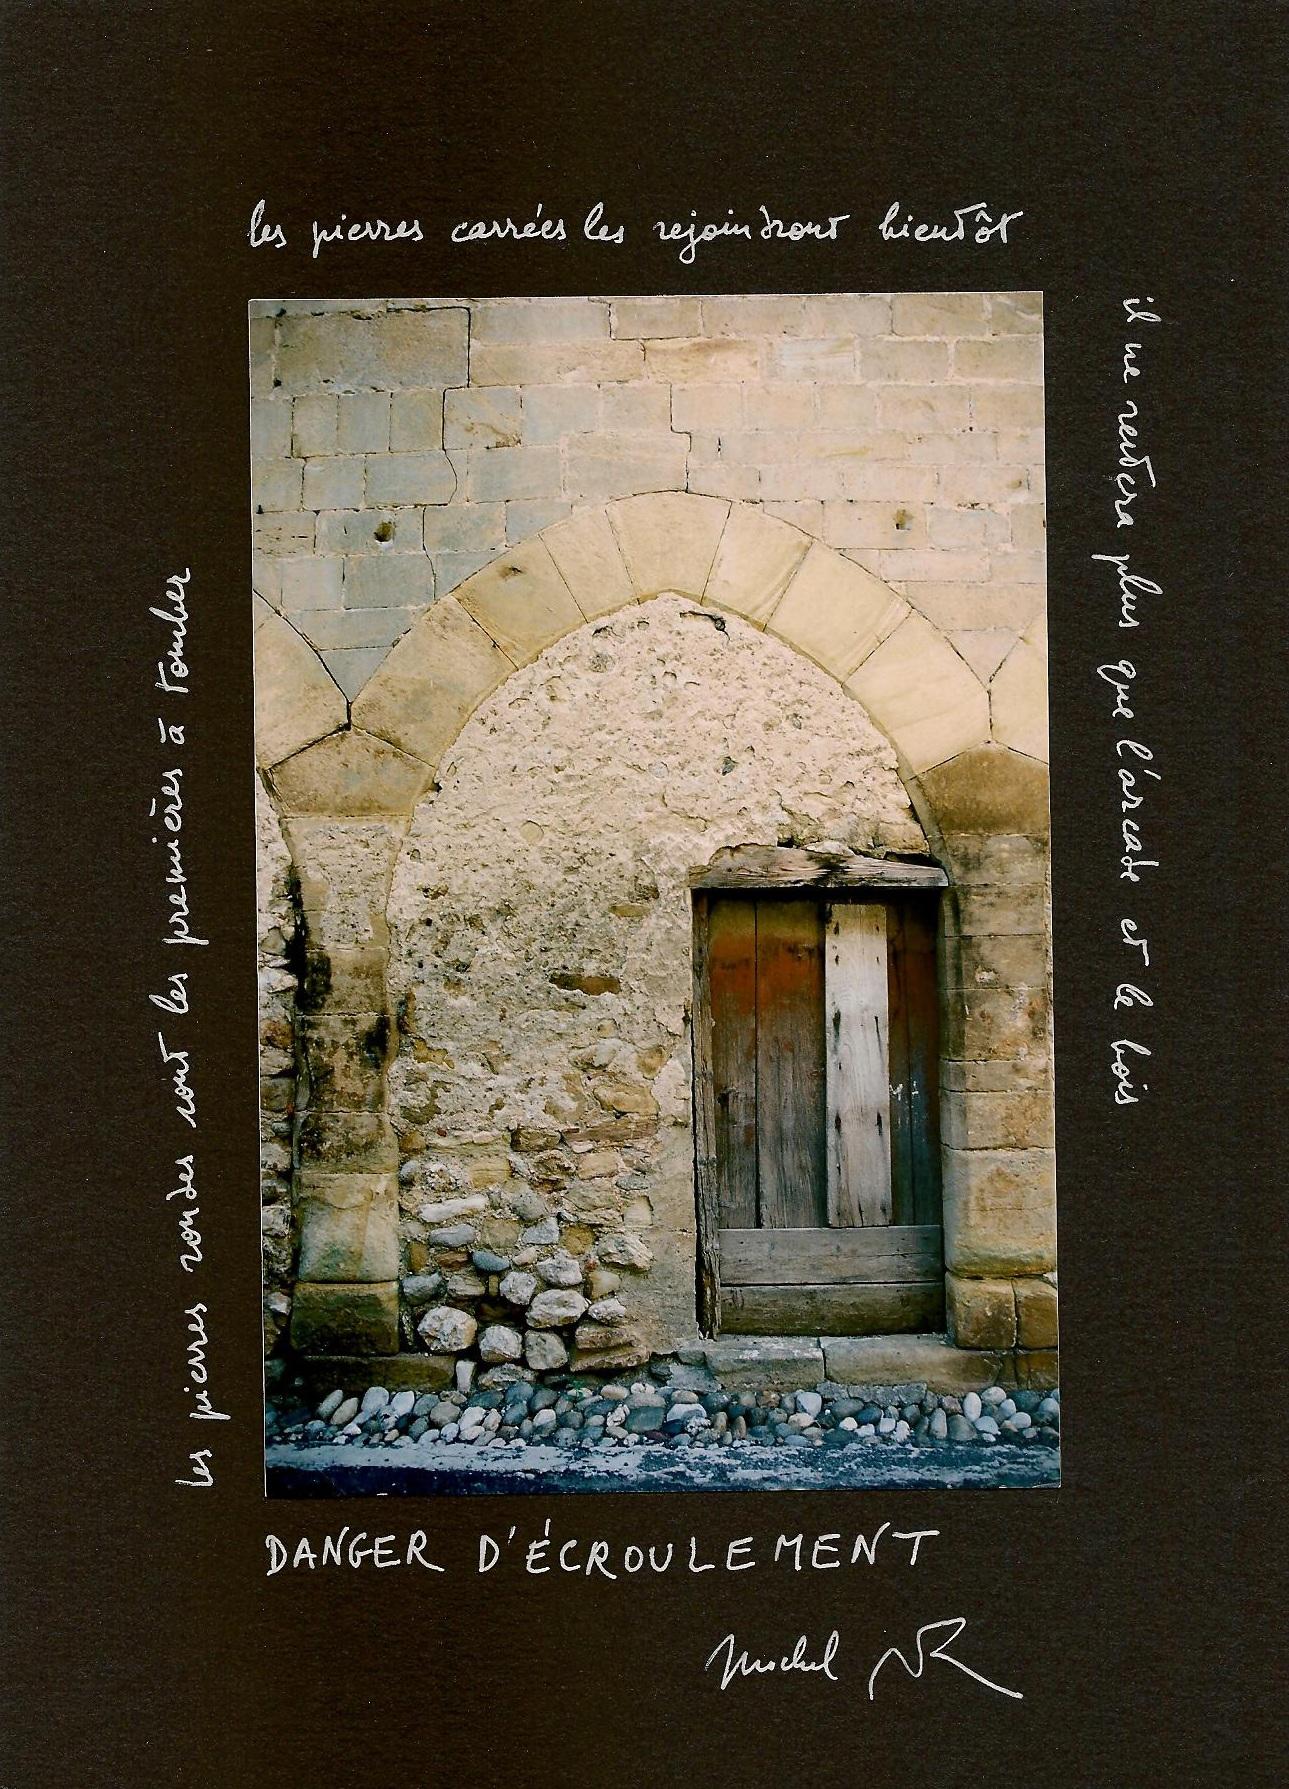 C. Fromherz-Allemand, textes de M. Butor, « Danger d'écroulement », in Encadrements, ©Butor